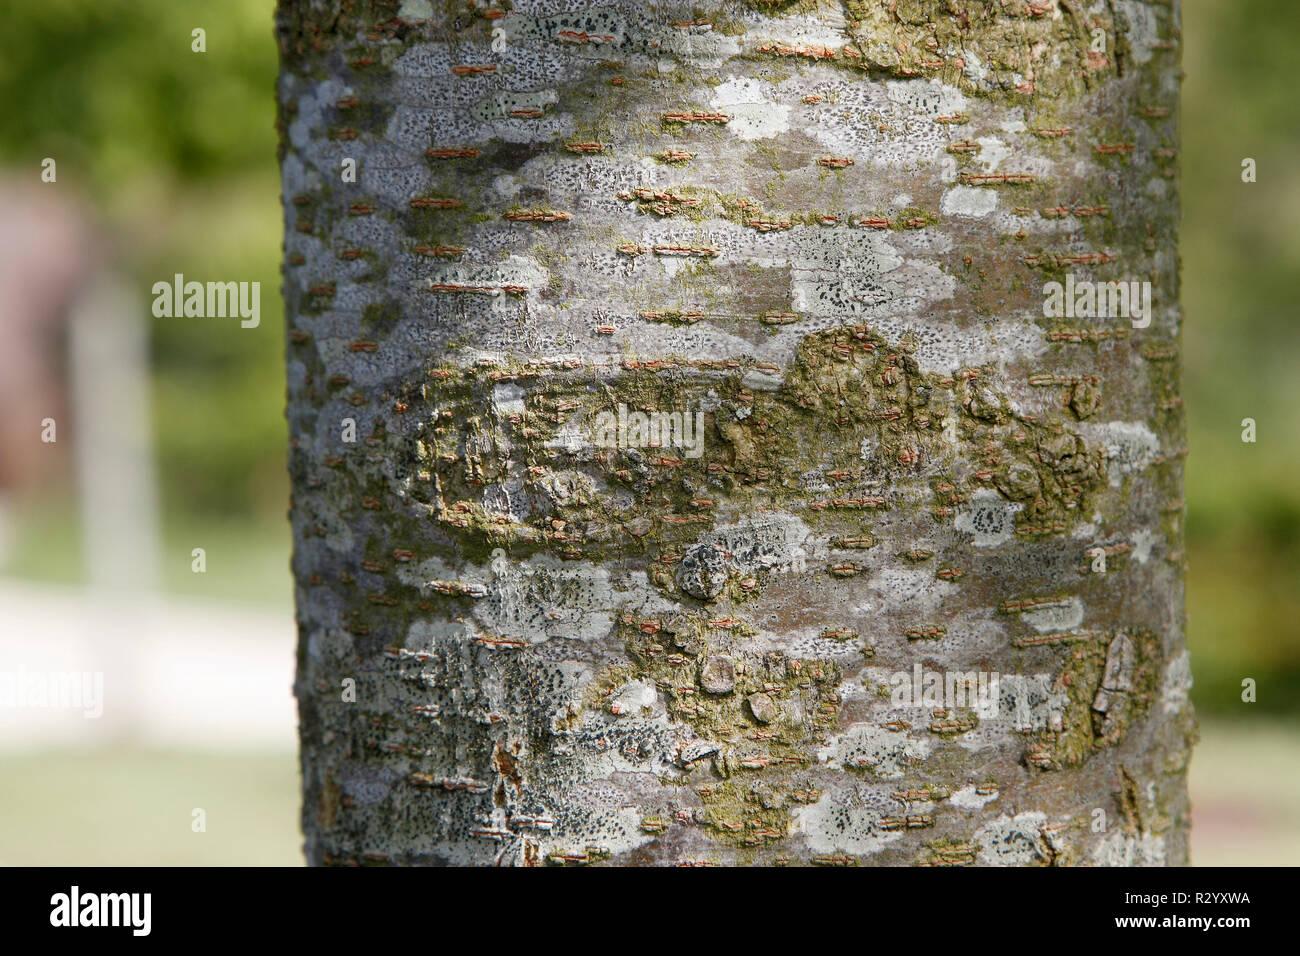 Japanese Zelkova bark (Zelkova serrata) in the Hanging Garden Park of Le Havre, Normandy, France - Stock Image